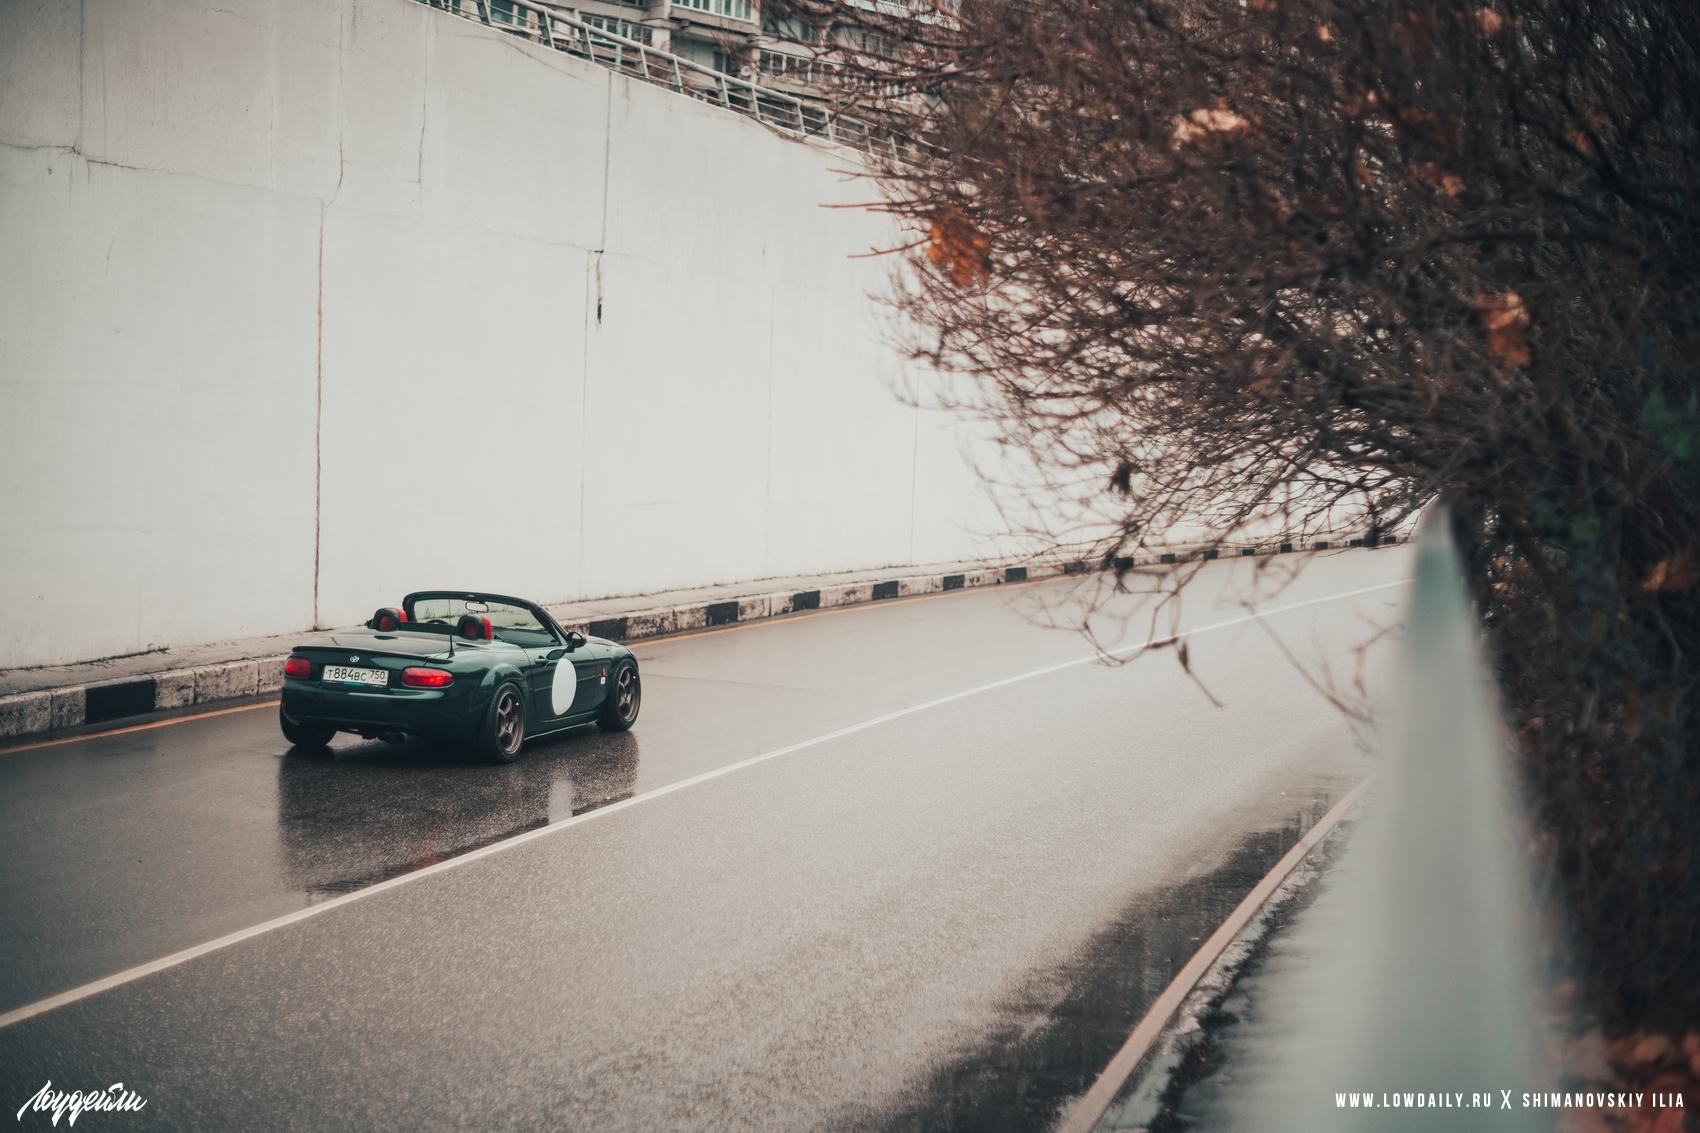 Mazda Mx5 Miata Lowdaily DSC06528